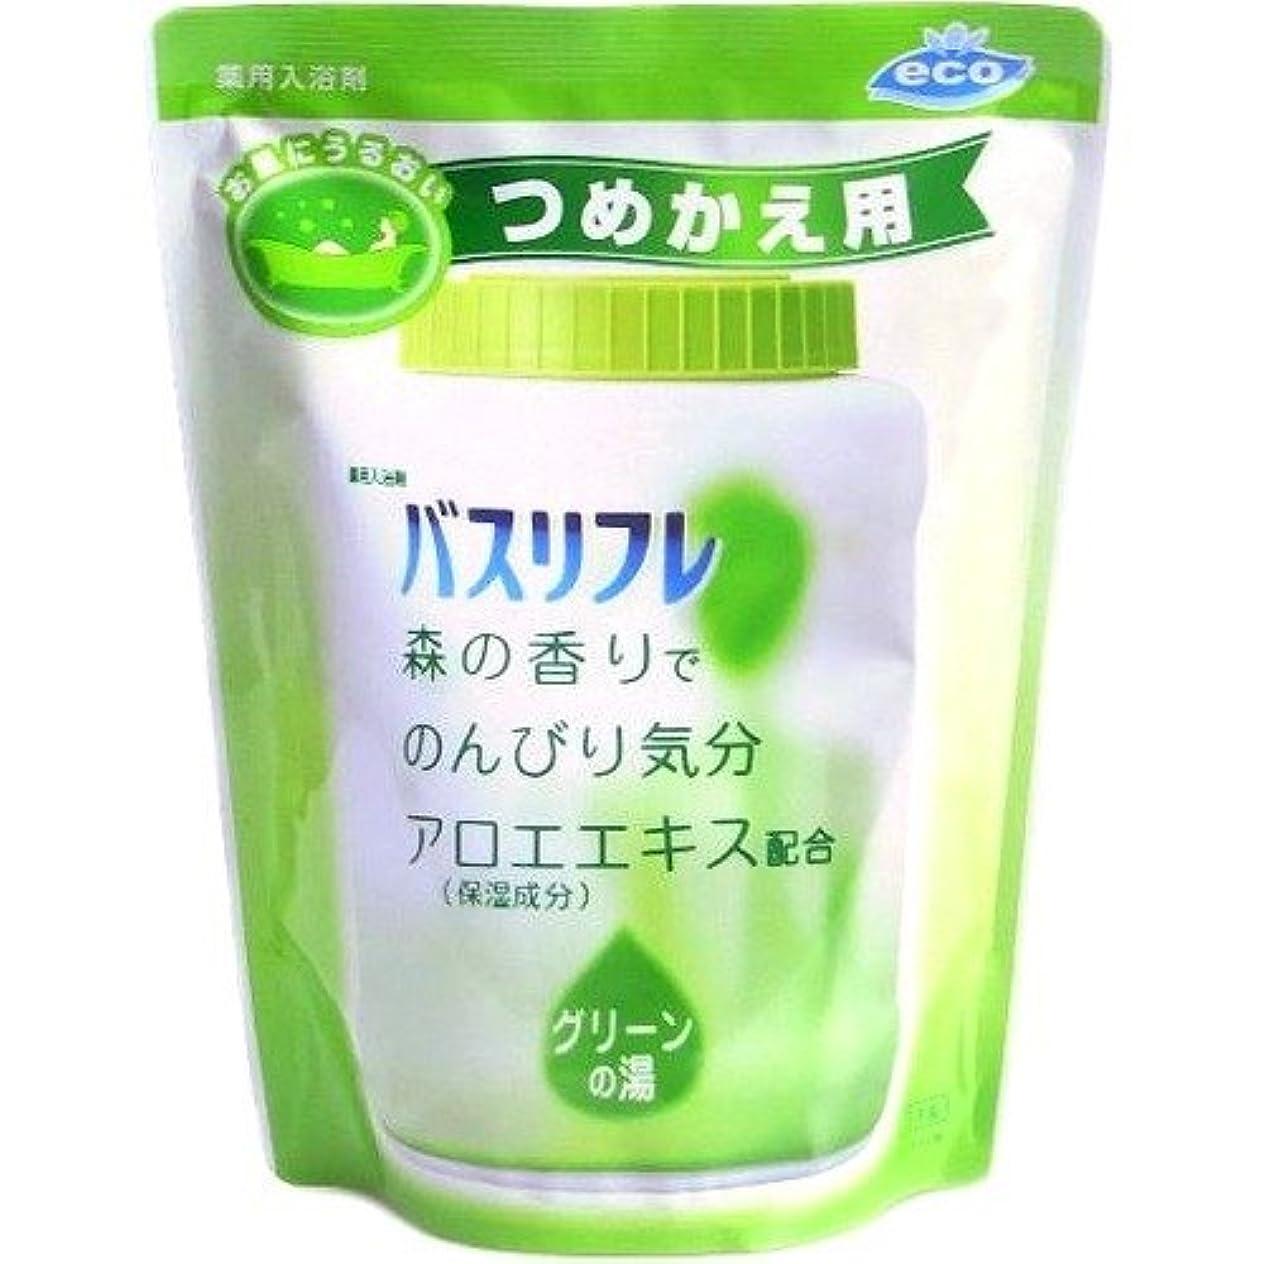 紫のベルベット大破薬用入浴剤 バスリフレ グリーンの湯 つめかえ用 540g 森の香り (ライオンケミカル)